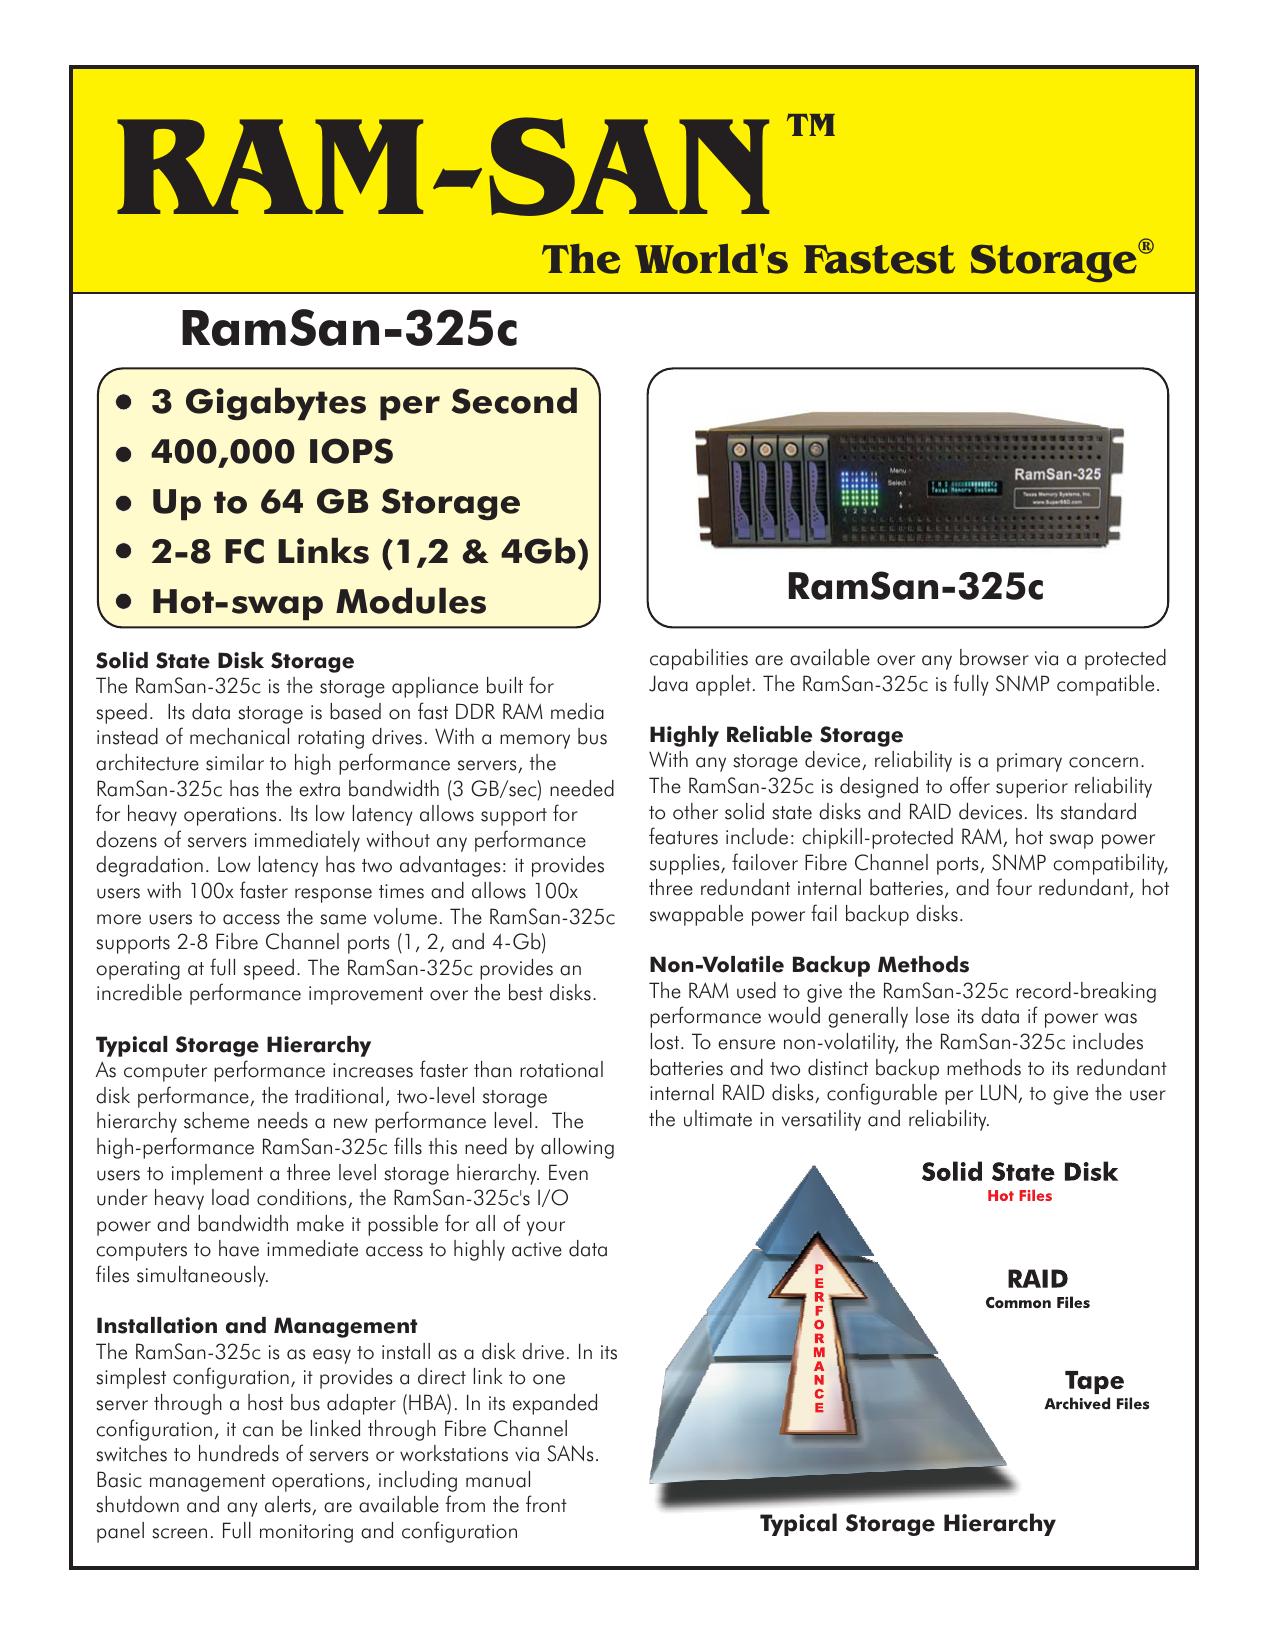 RamSan-325c 4Gb- DataSheet cdr | manualzz com